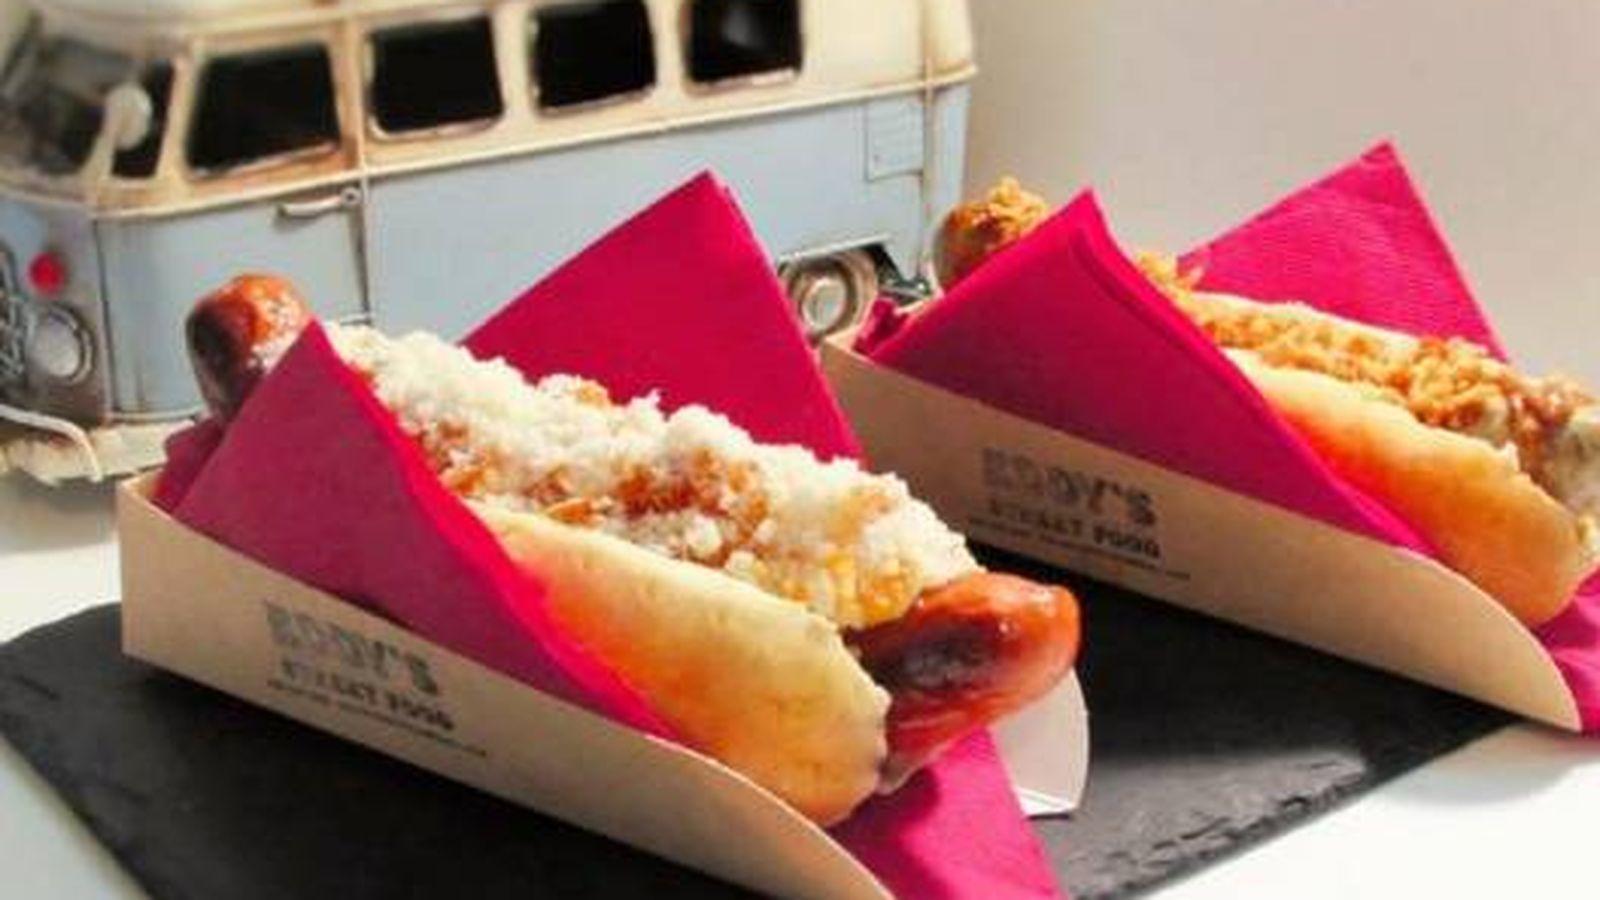 Foto: Aquí vienen los perritos calentitos de Eddy's a bordo de su 'food truck' muy 'vintage'